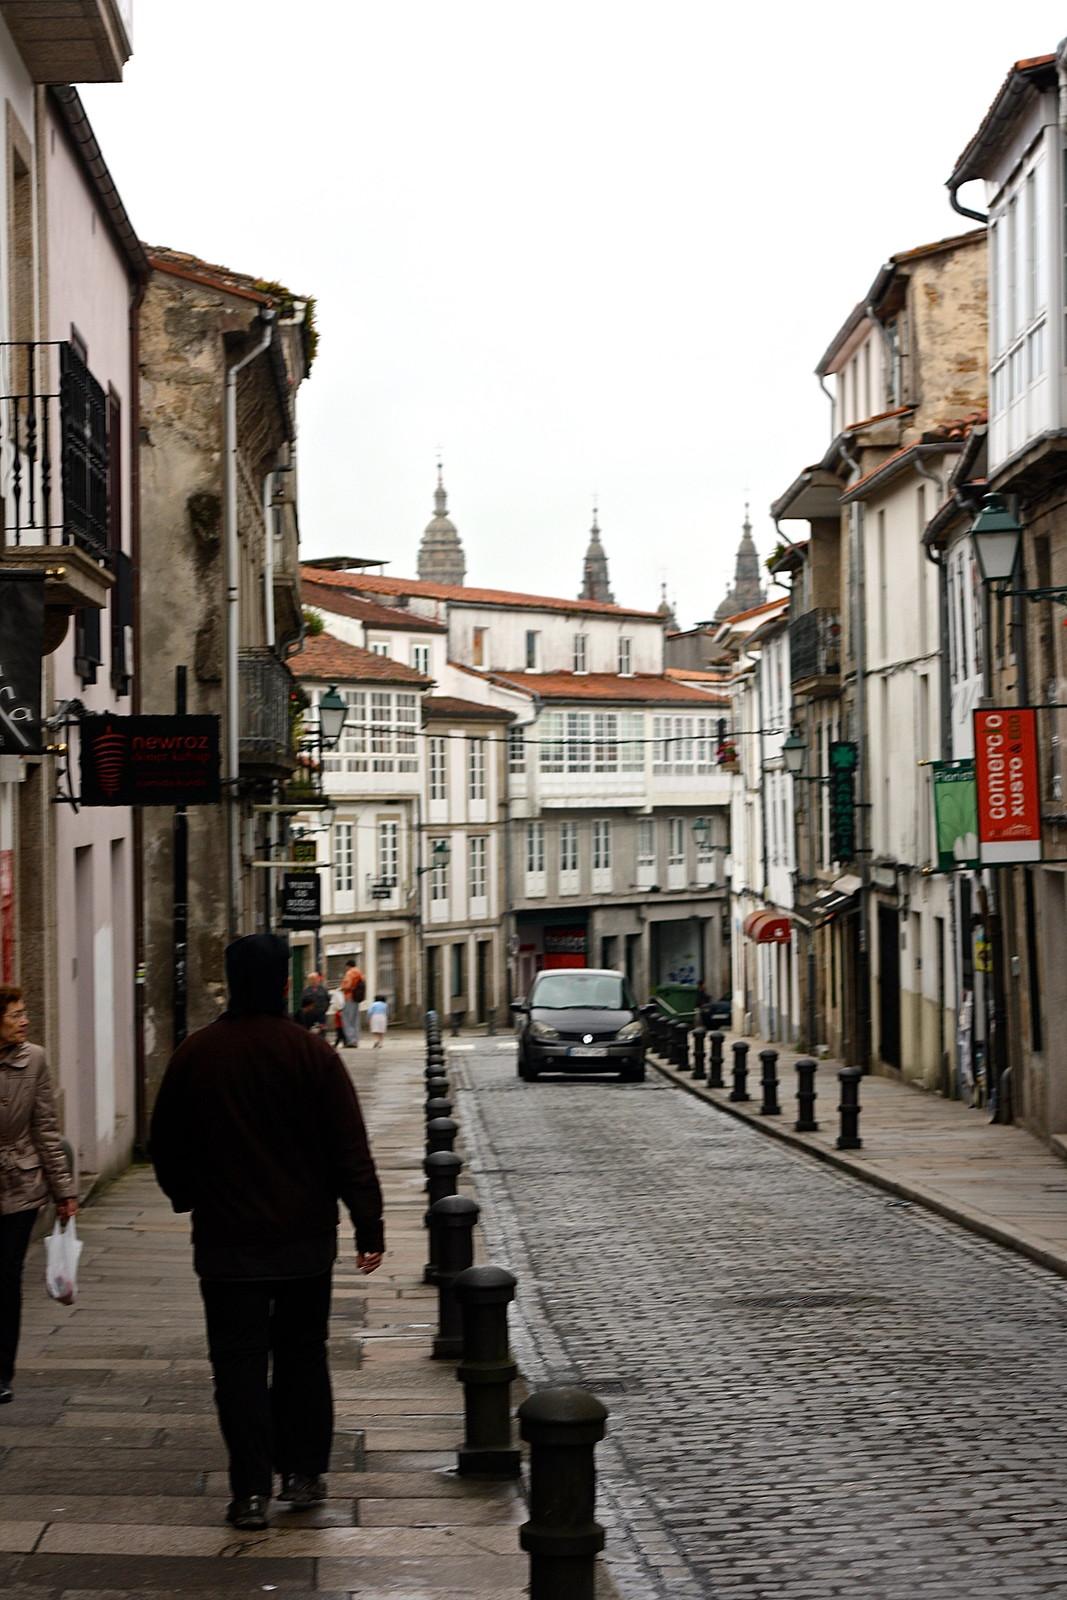 nopeus dating Santiago de Compostela online dating Pick UPS